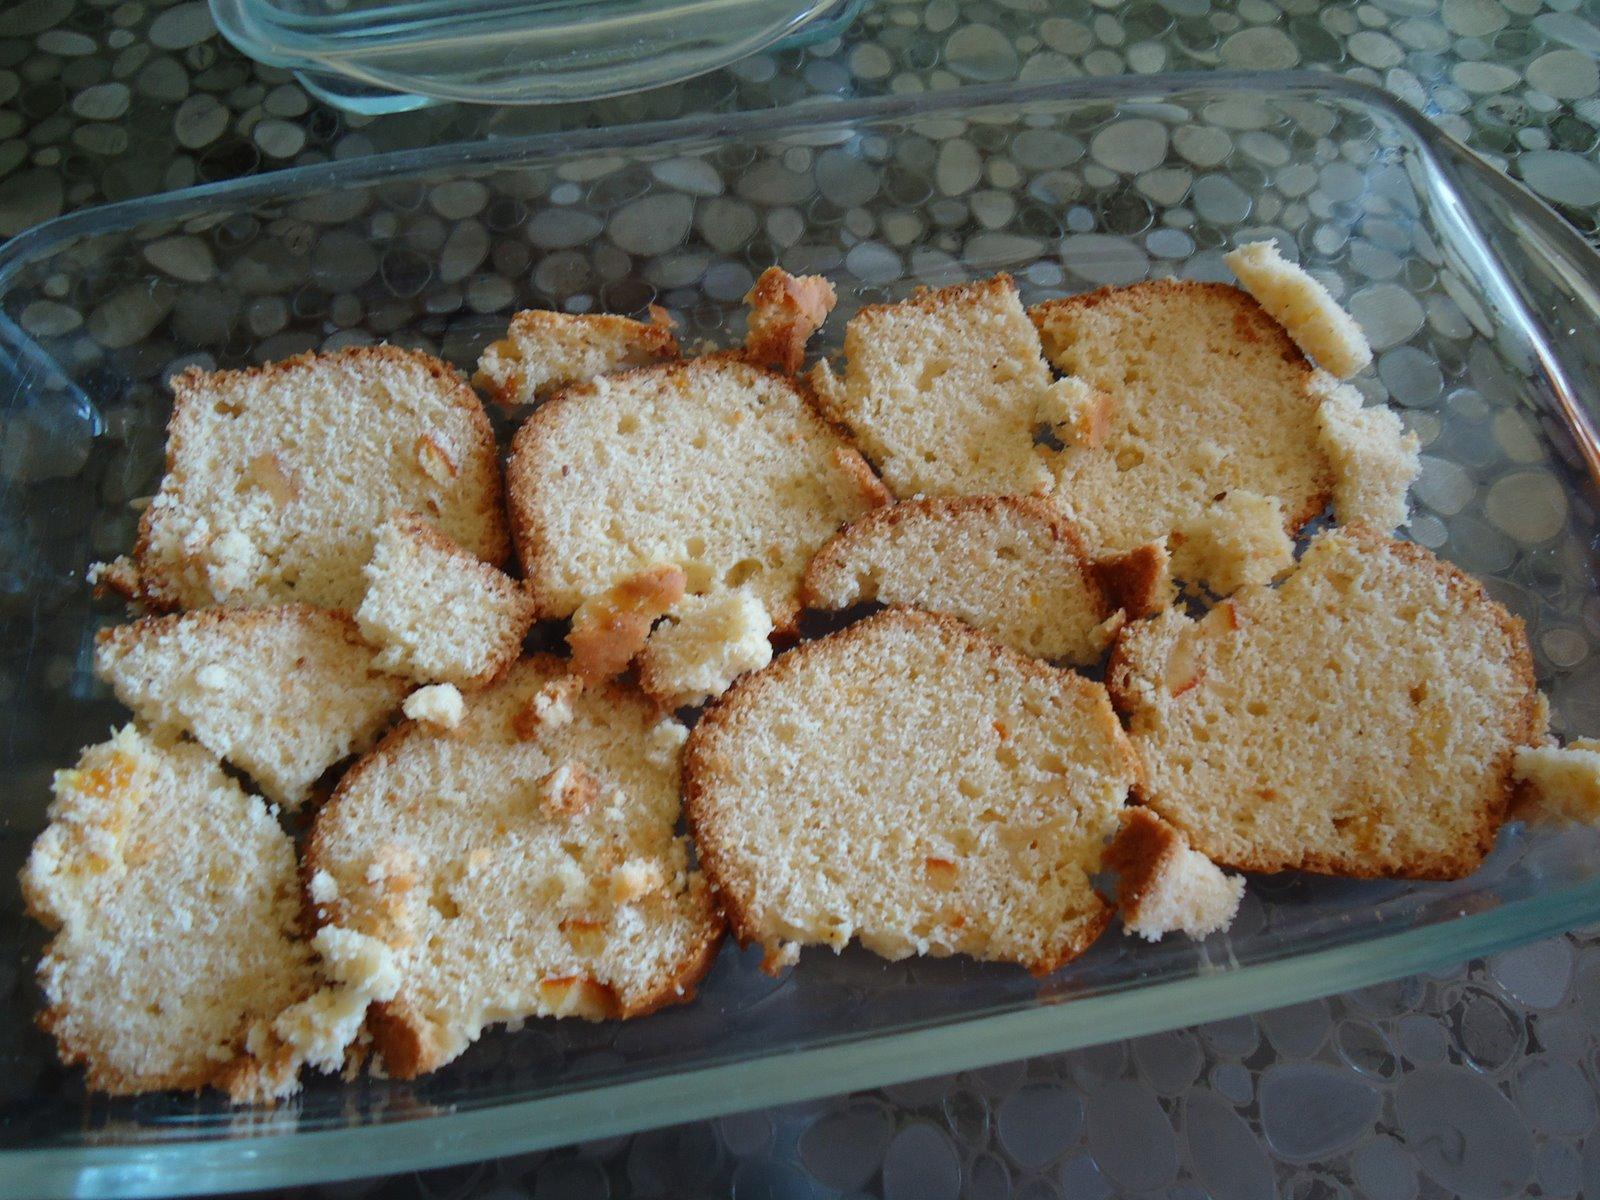 Bayatlayan kek nasıl değerlendirilir